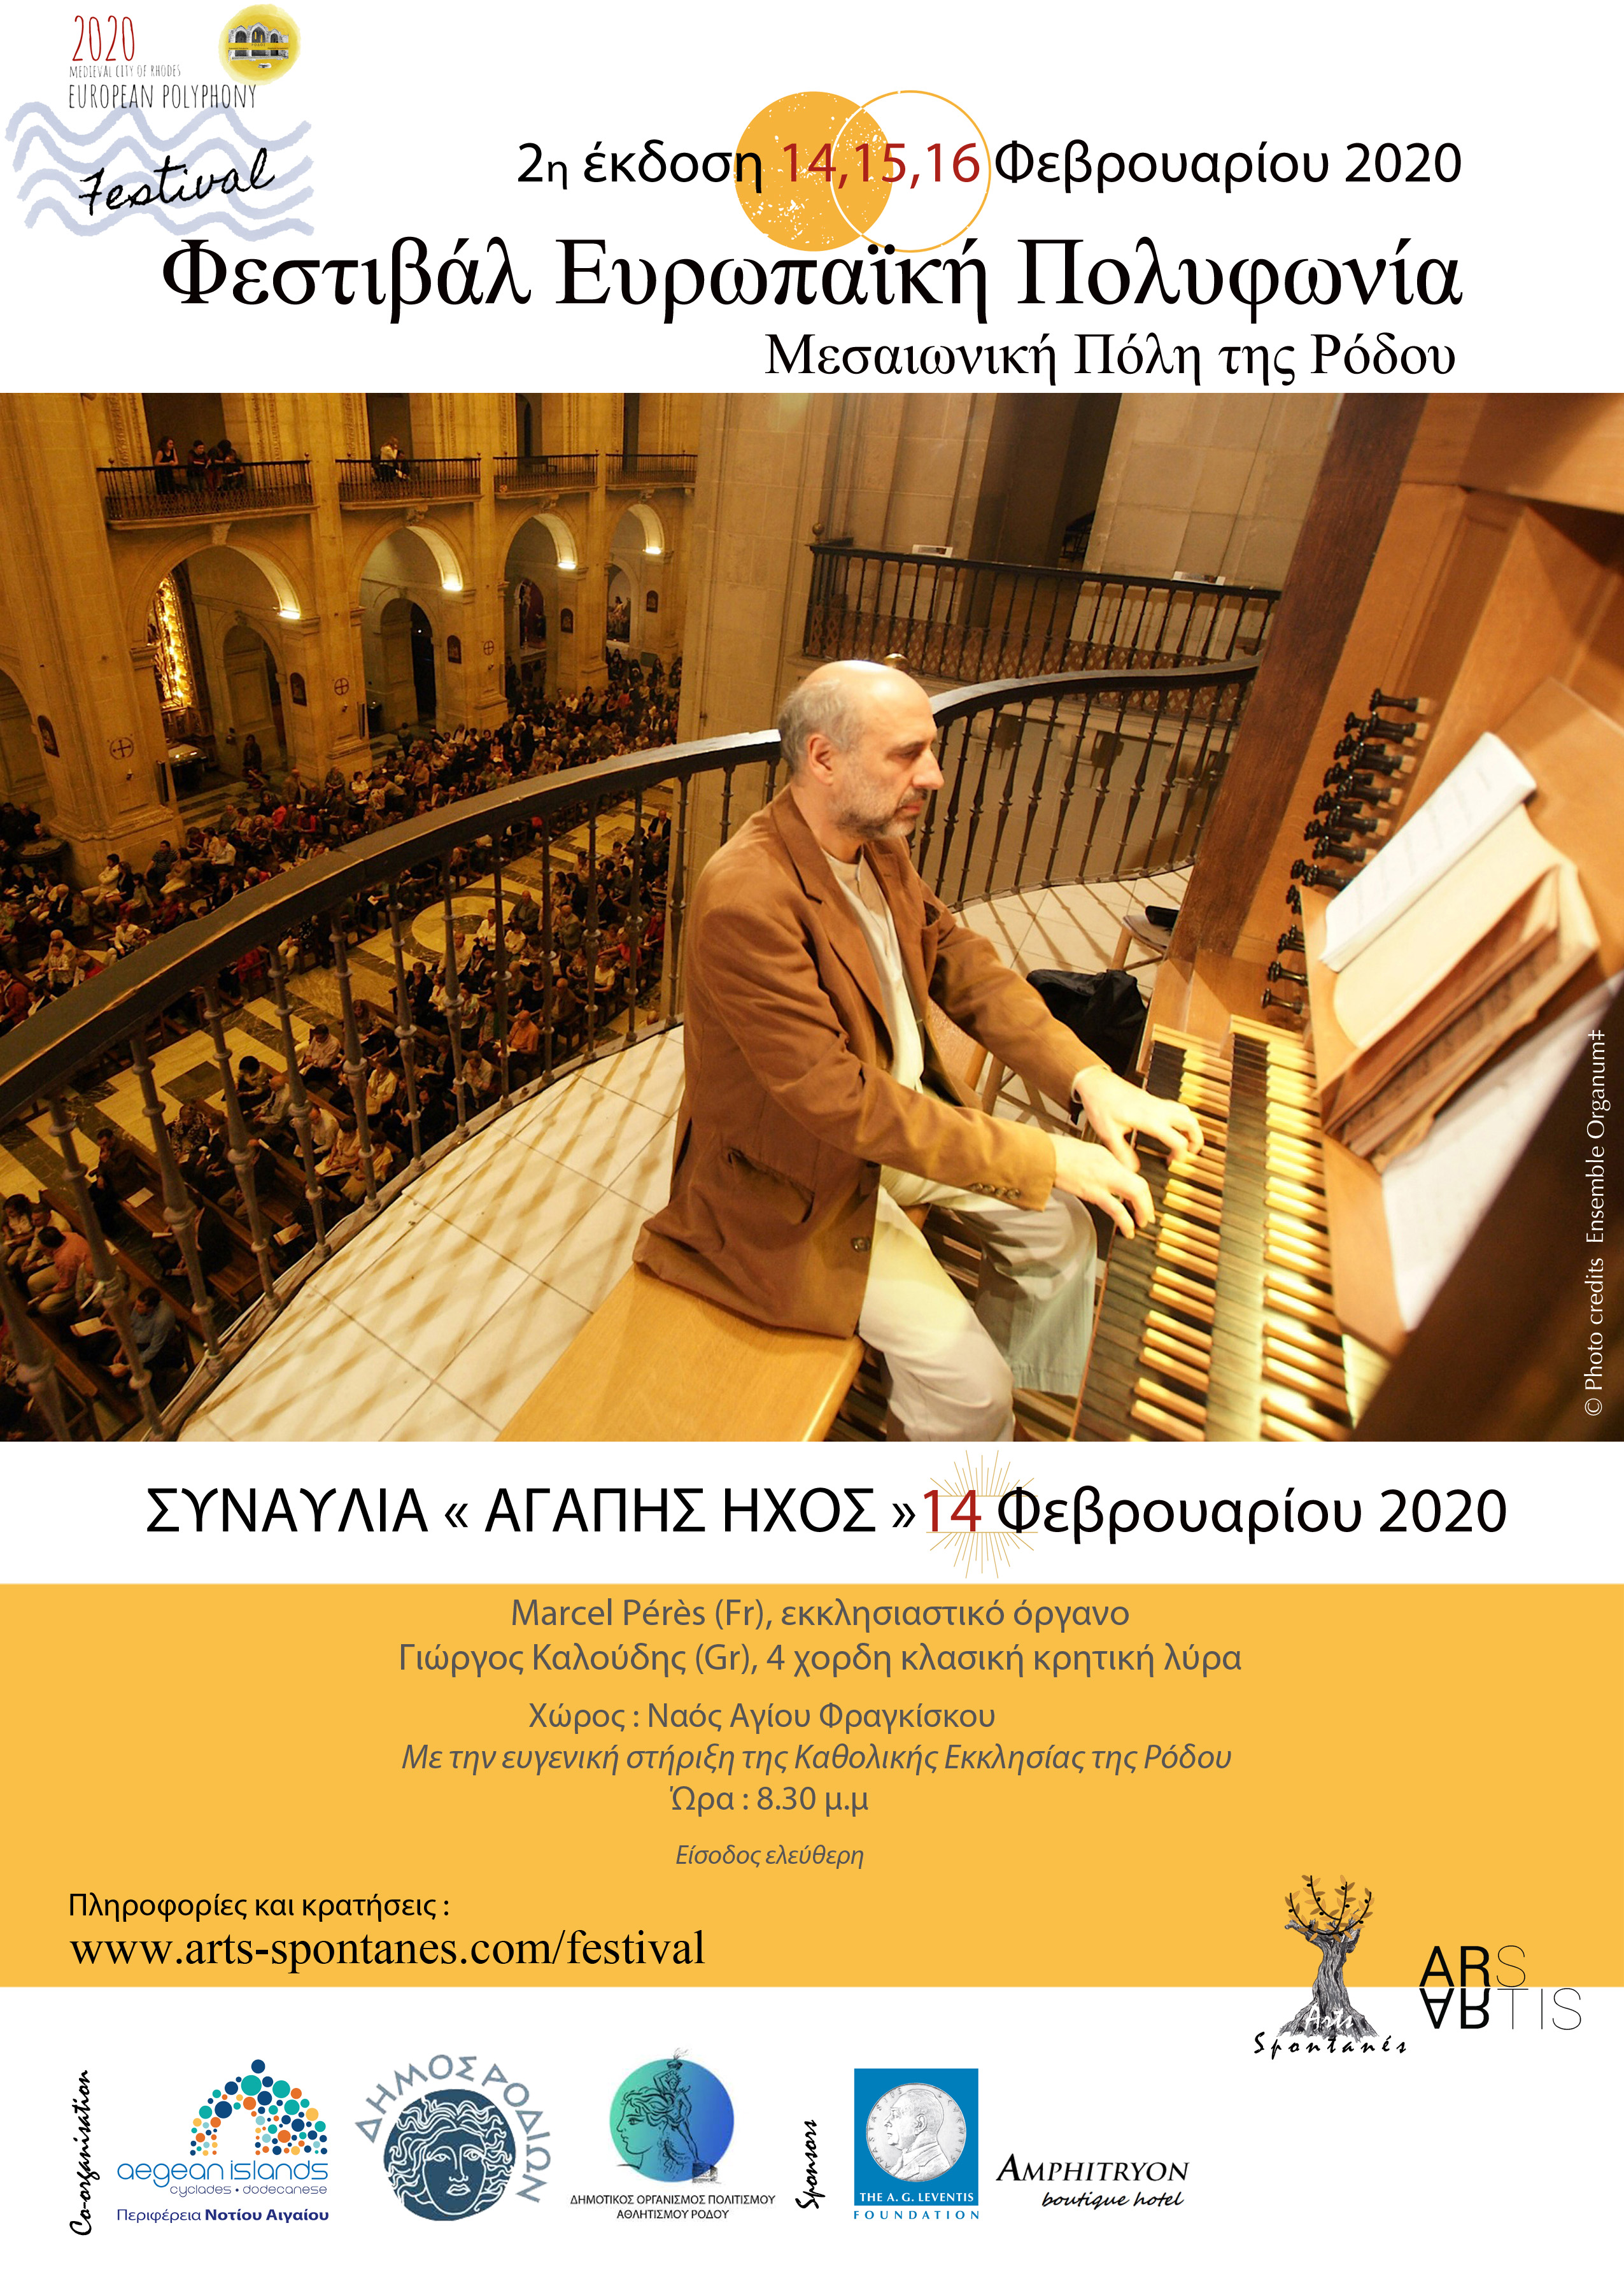 14-02-2020 CONCERT Marcel Pérès